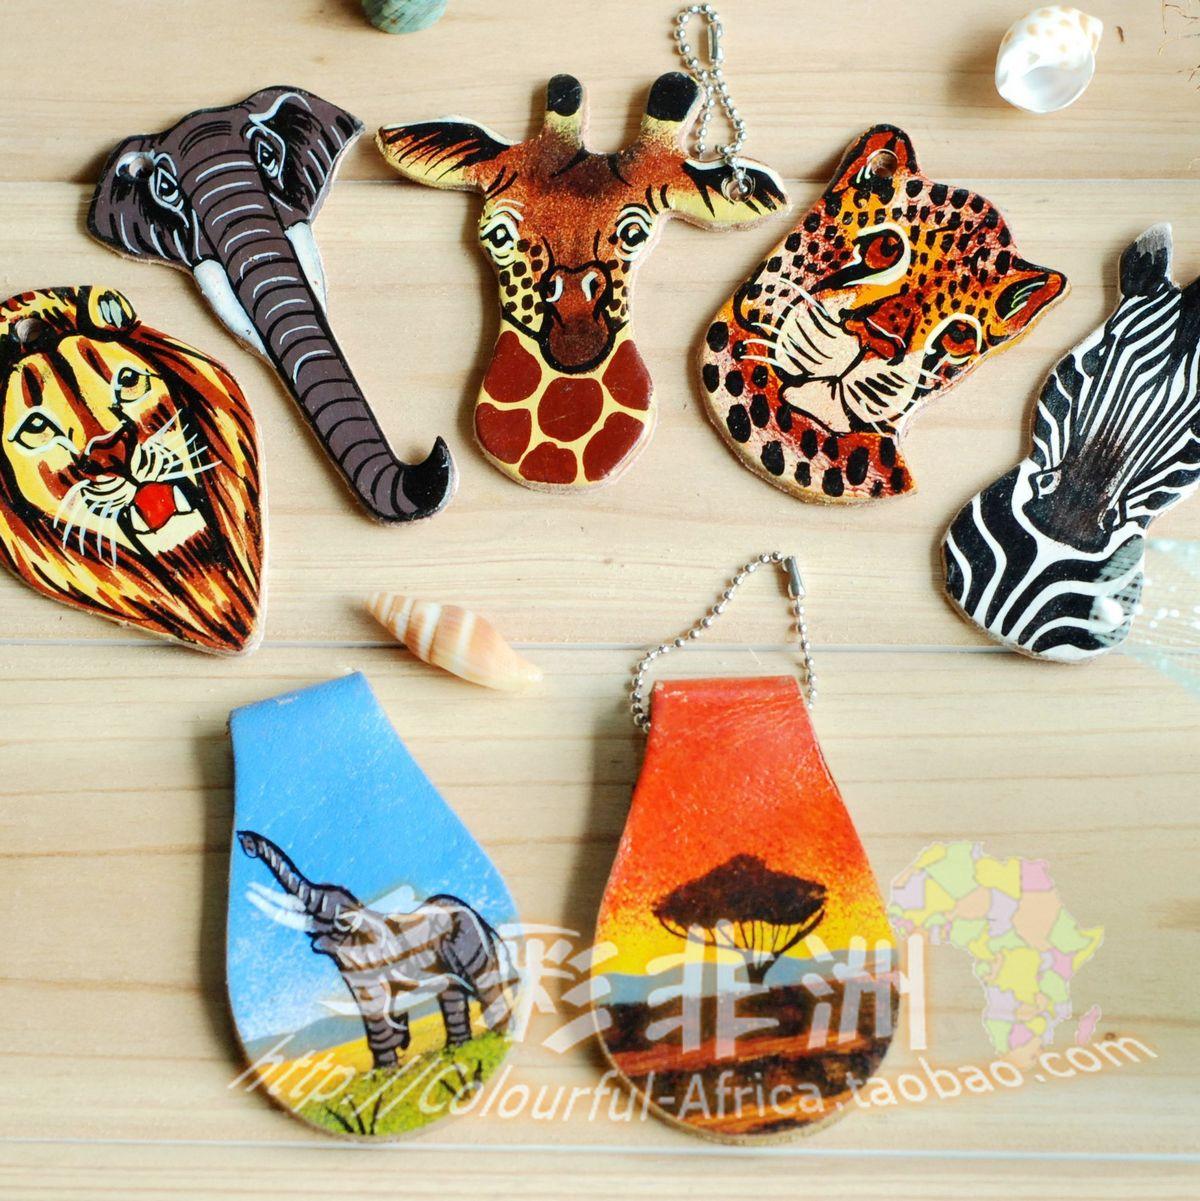 多彩非洲-肯尼亚进口特色手工艺品民族饰品-手绘牛皮钥匙扣/链